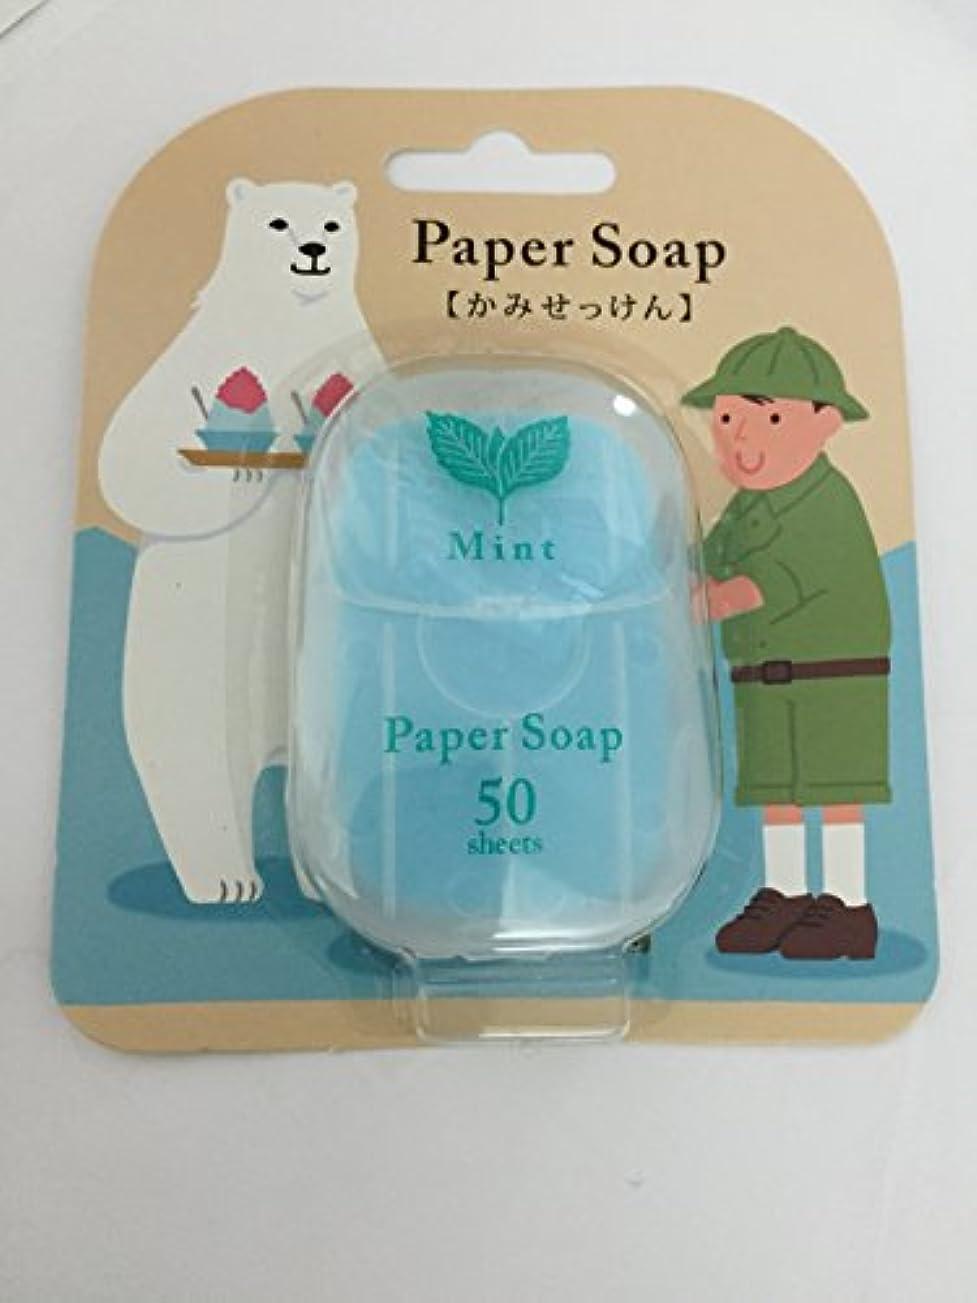 液化する連鎖分配しますペーパーソープ(かみせっけん) ミントの香り 新商品